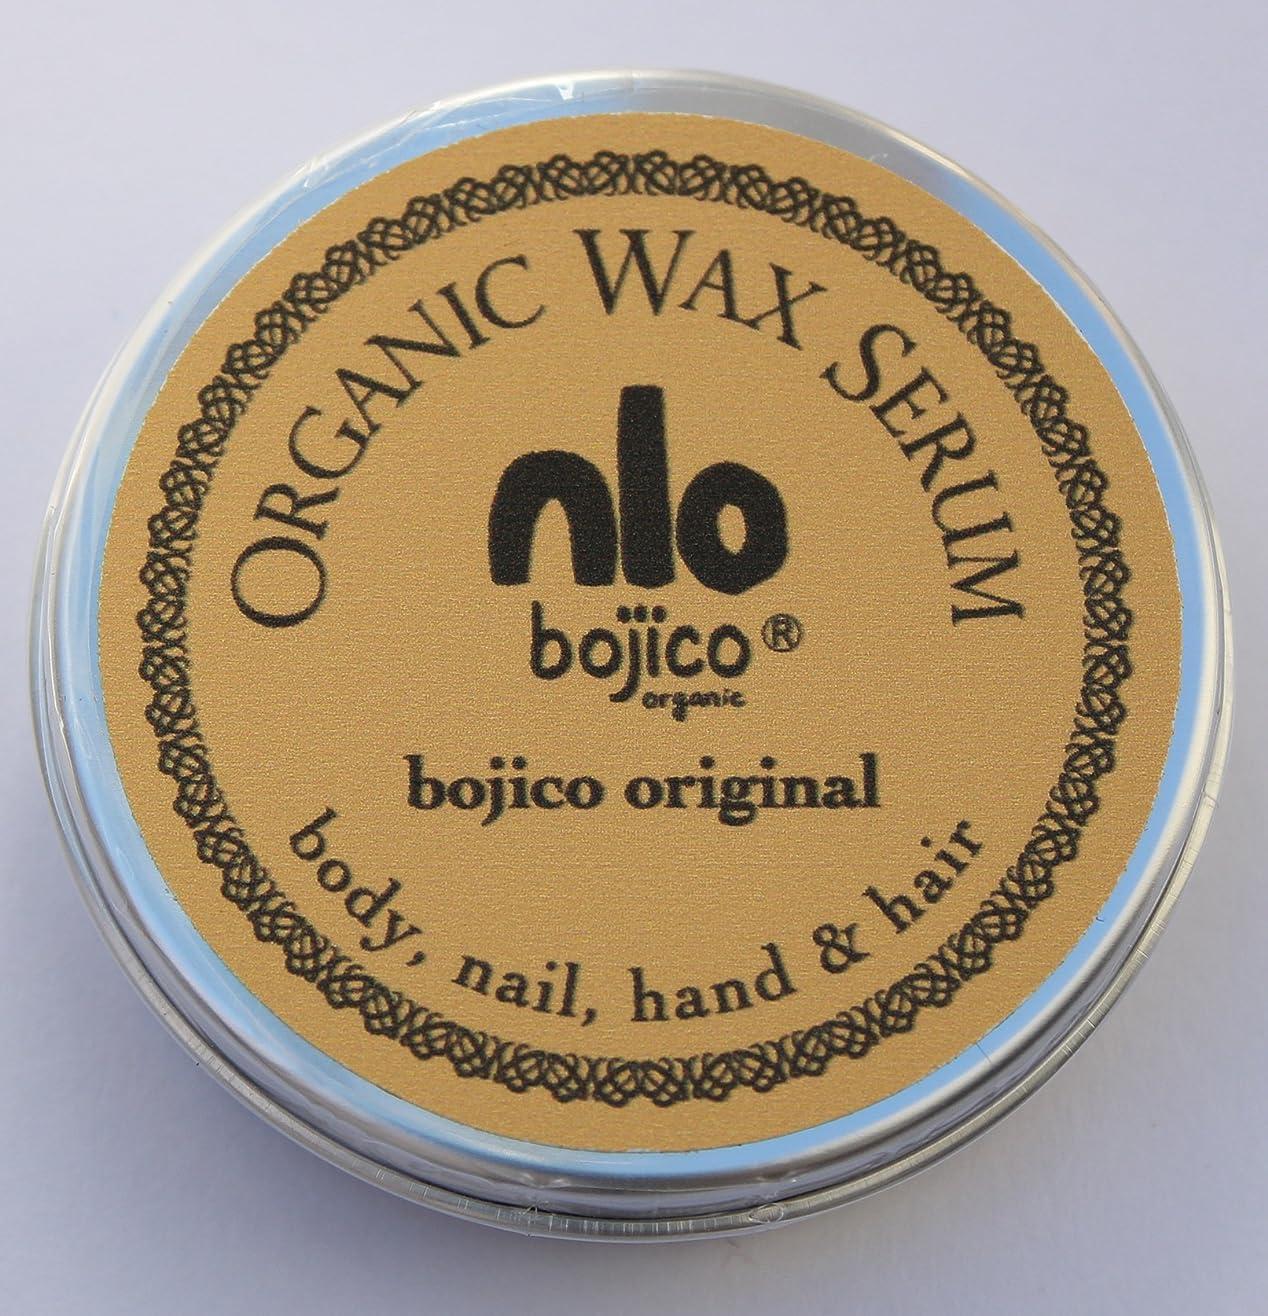 聴く現れる振りかけるbojico オーガニック ワックス セラム<オリジナル> Organic Wax Serum 40g